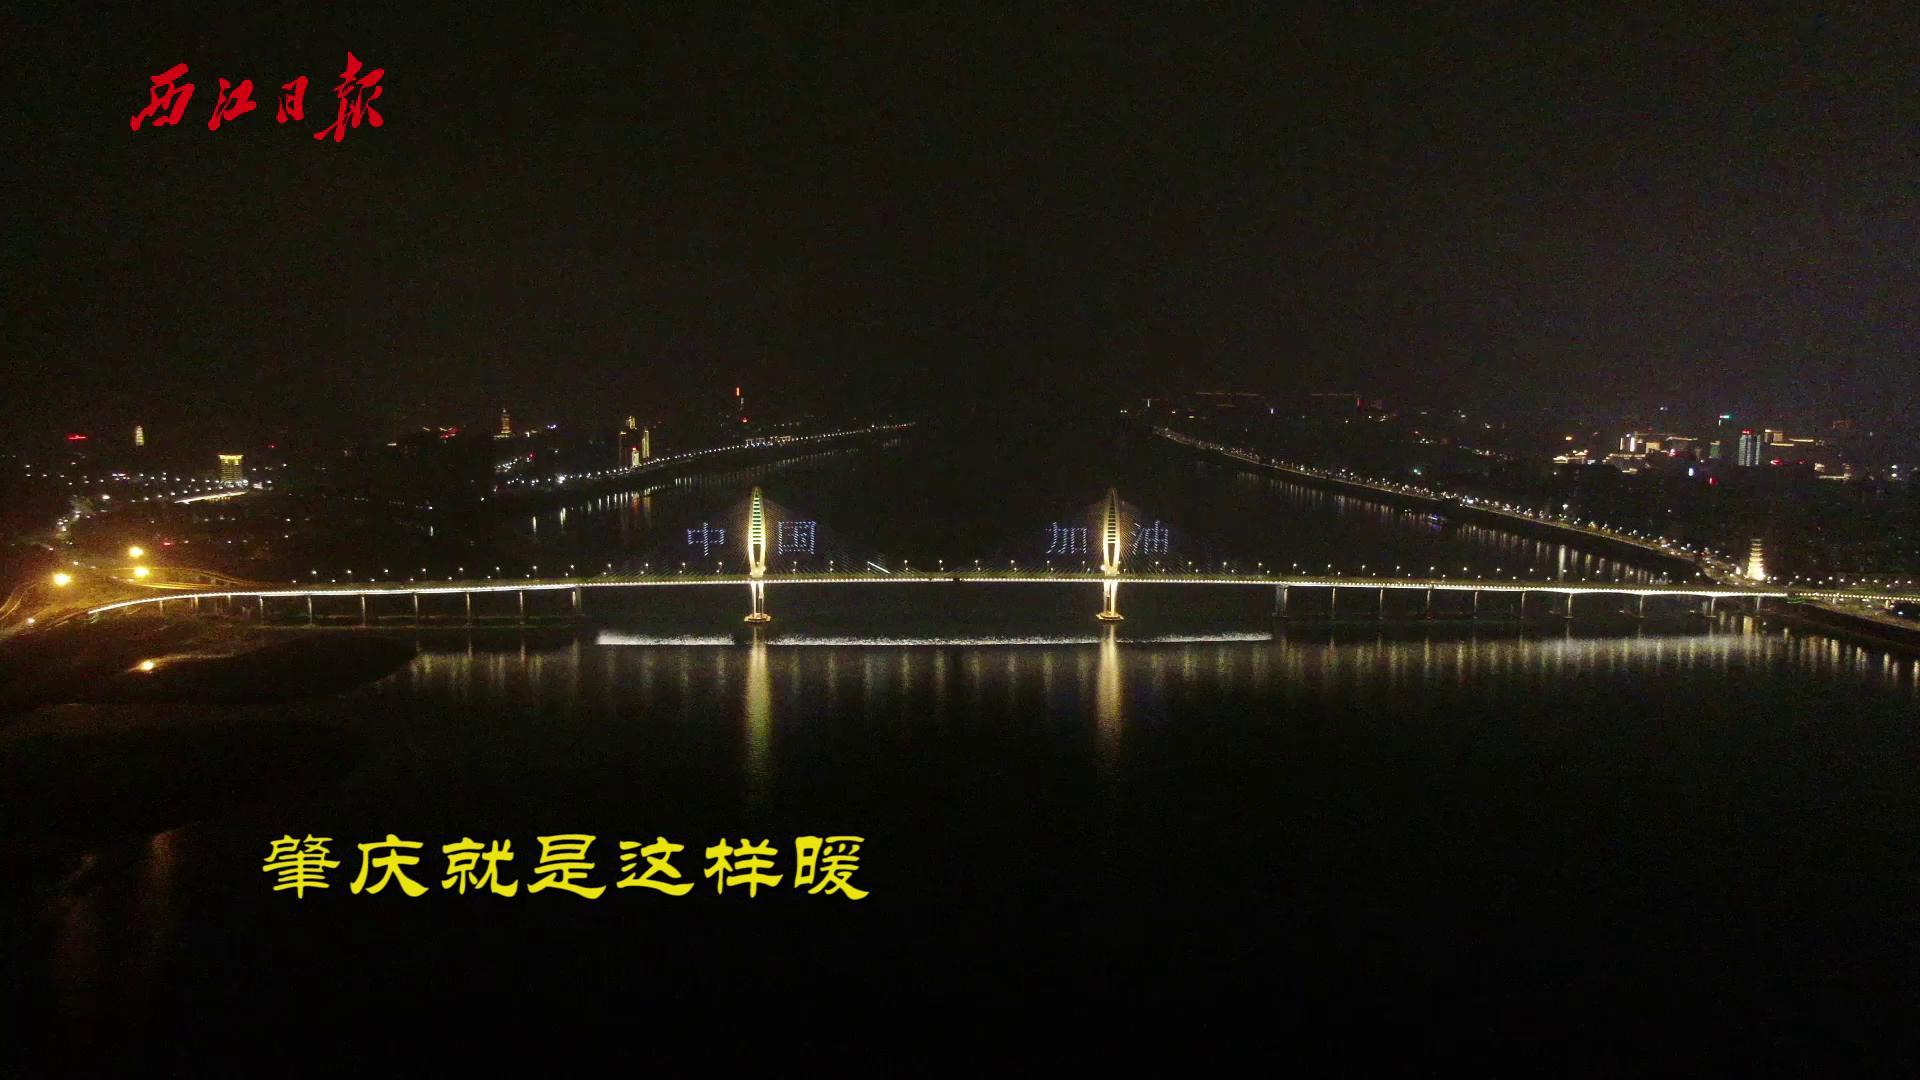 阅江桥灯饰——中国加油!武汉加油!